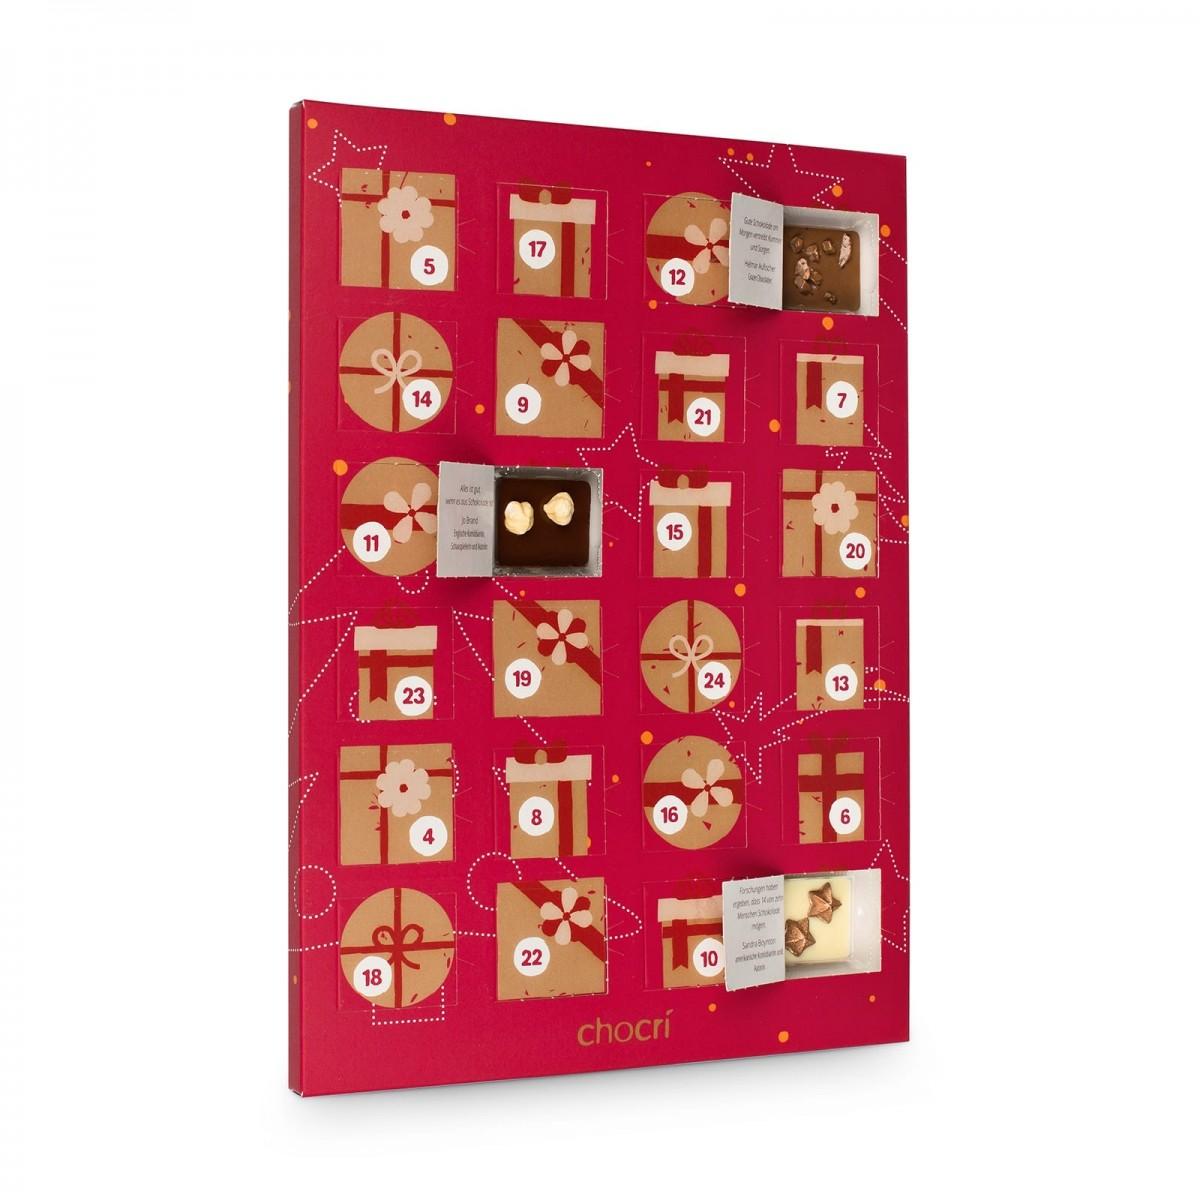 Schokoladen Weihnachtskalender.Chocri Adventskalender Mit 24 Mini Schokoladen Tafeln